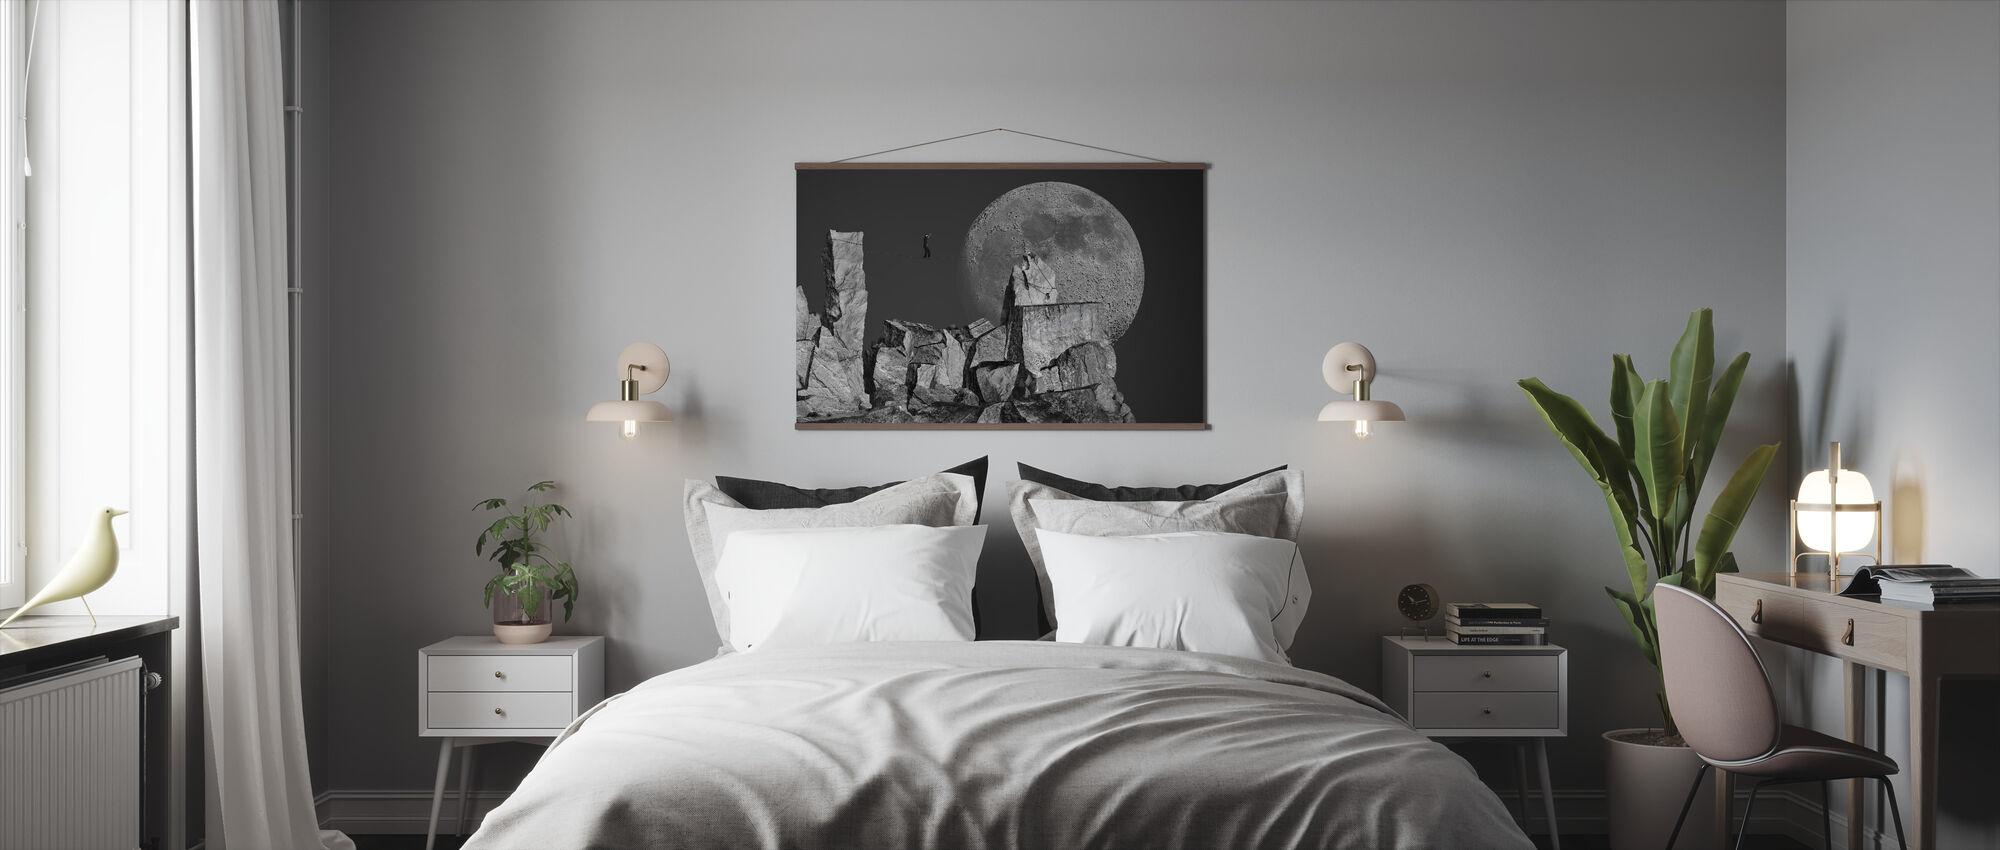 Moonwalk - Poster - Bedroom